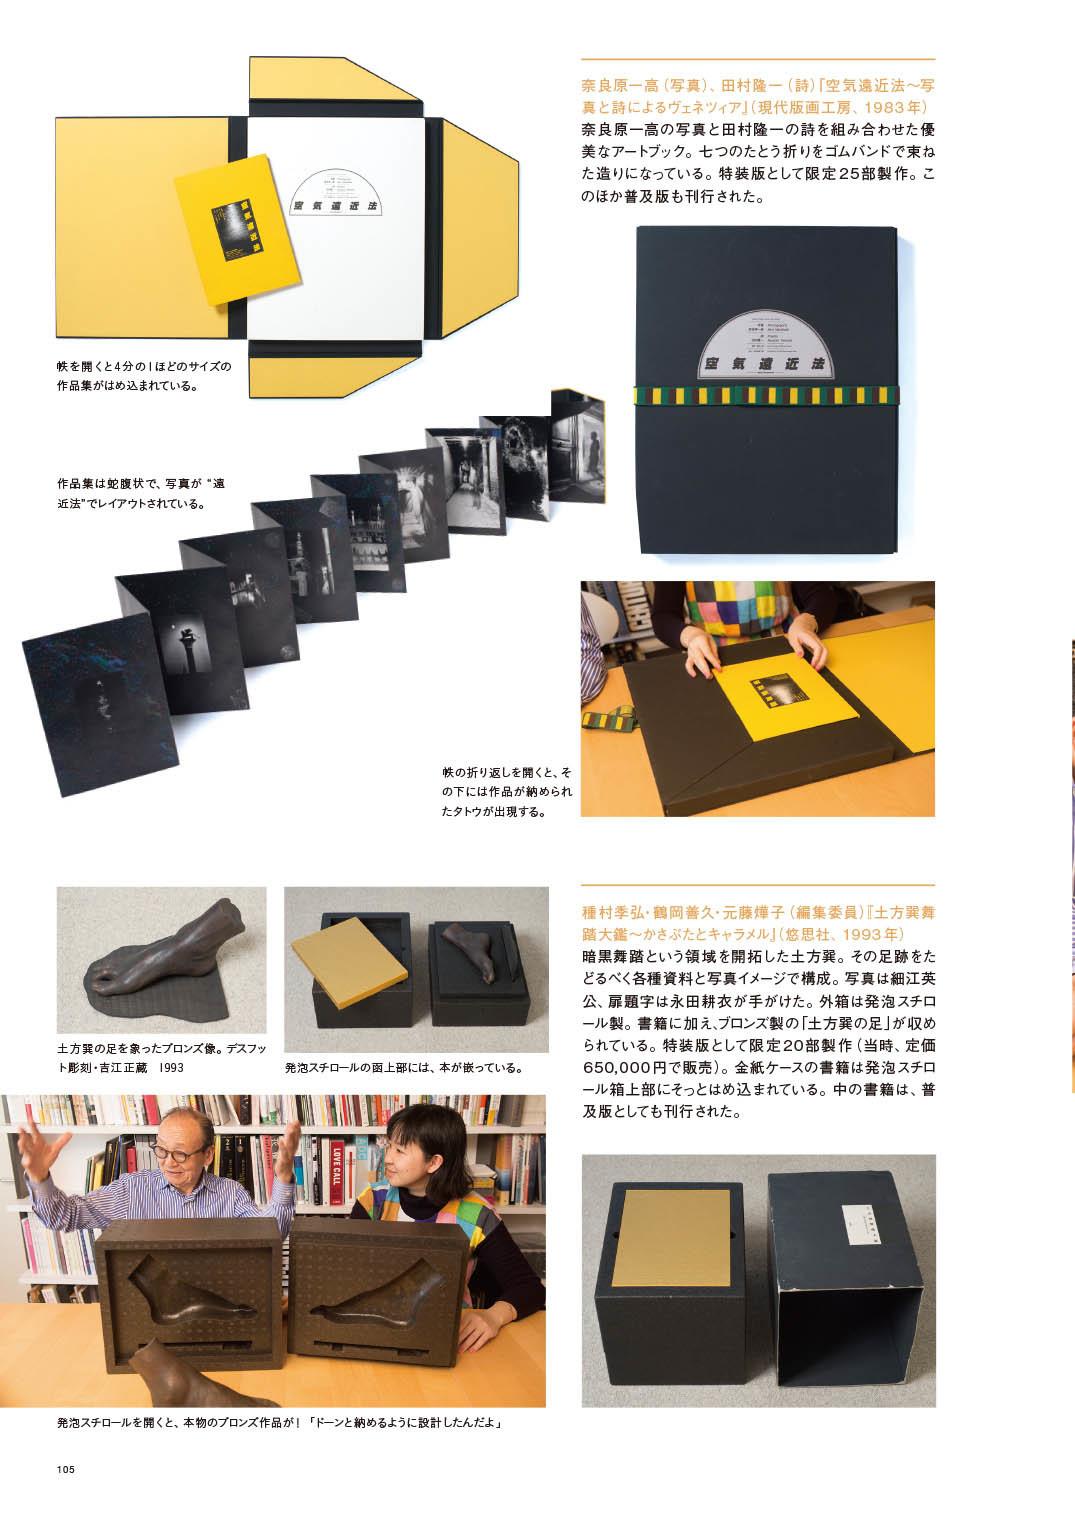 勝井三雄先生の記事を掲載いたします。_c0207090_13301160.jpg